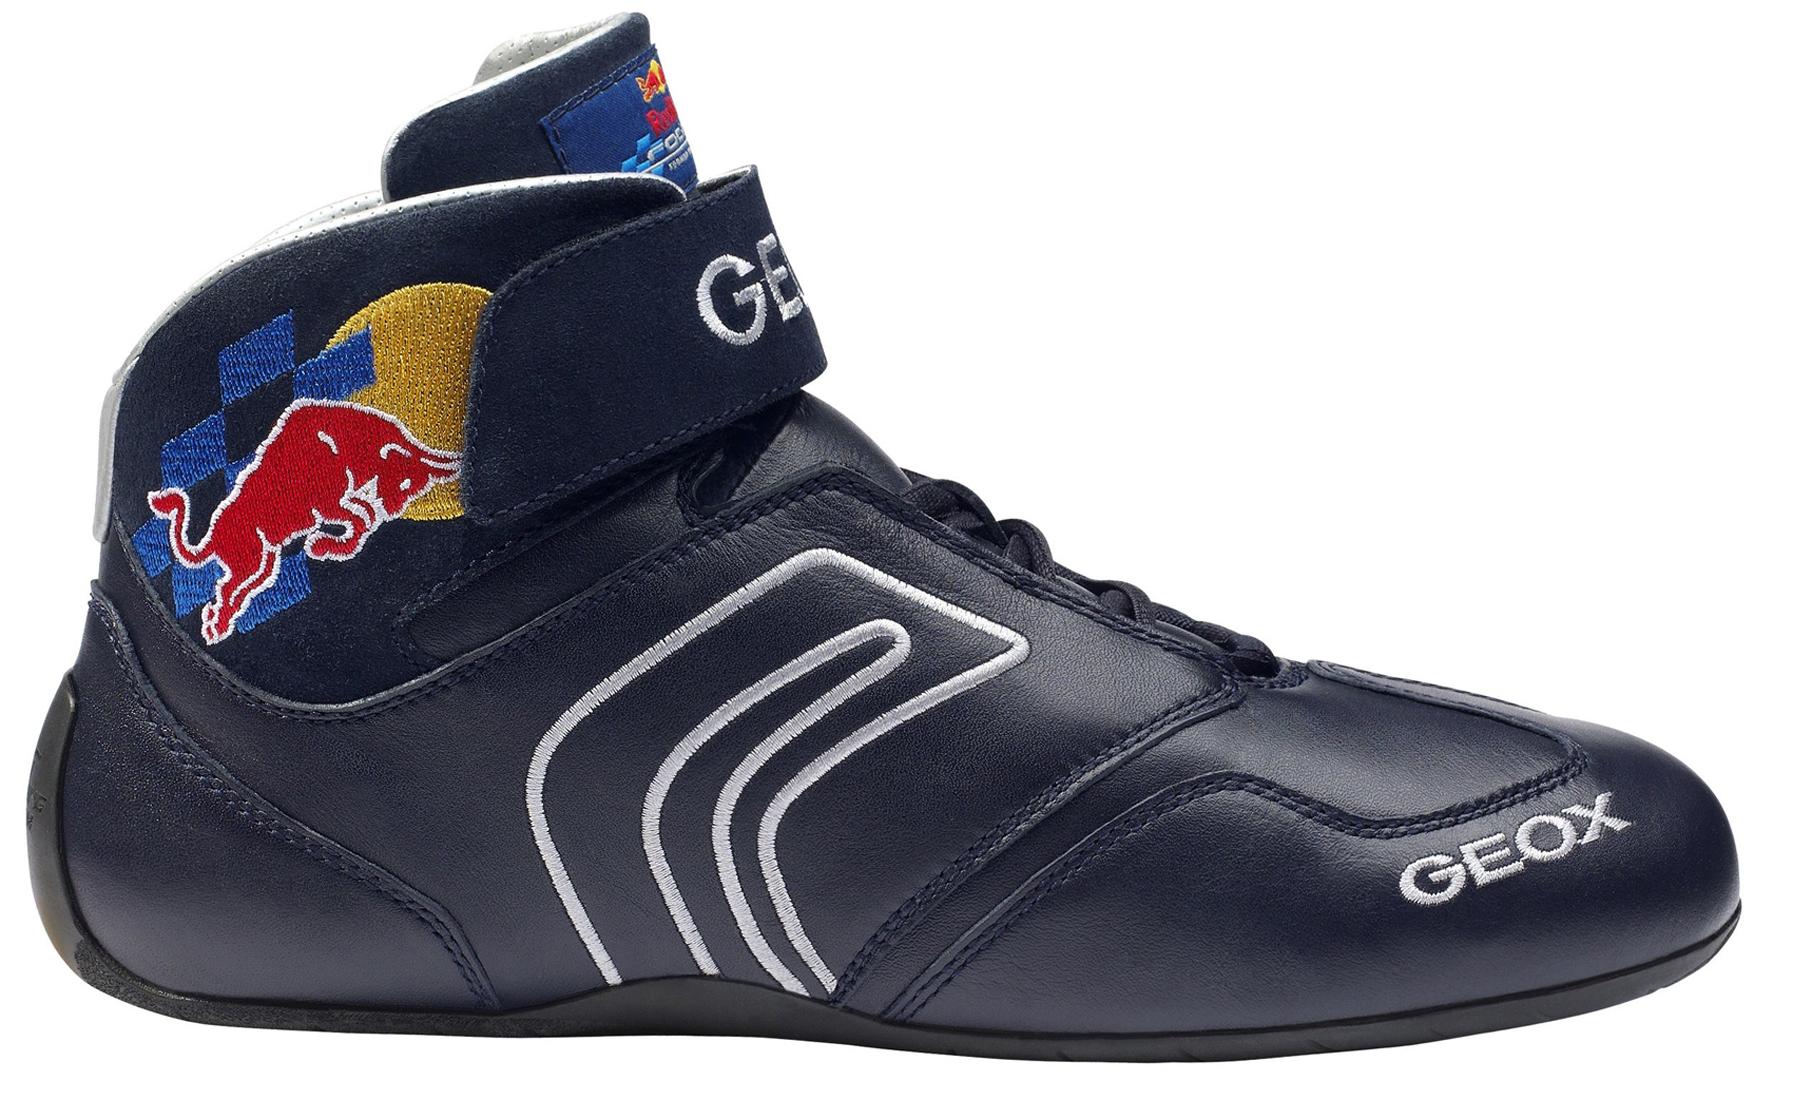 Geox f1 race driver shoe. Red bull. – Objects DEV